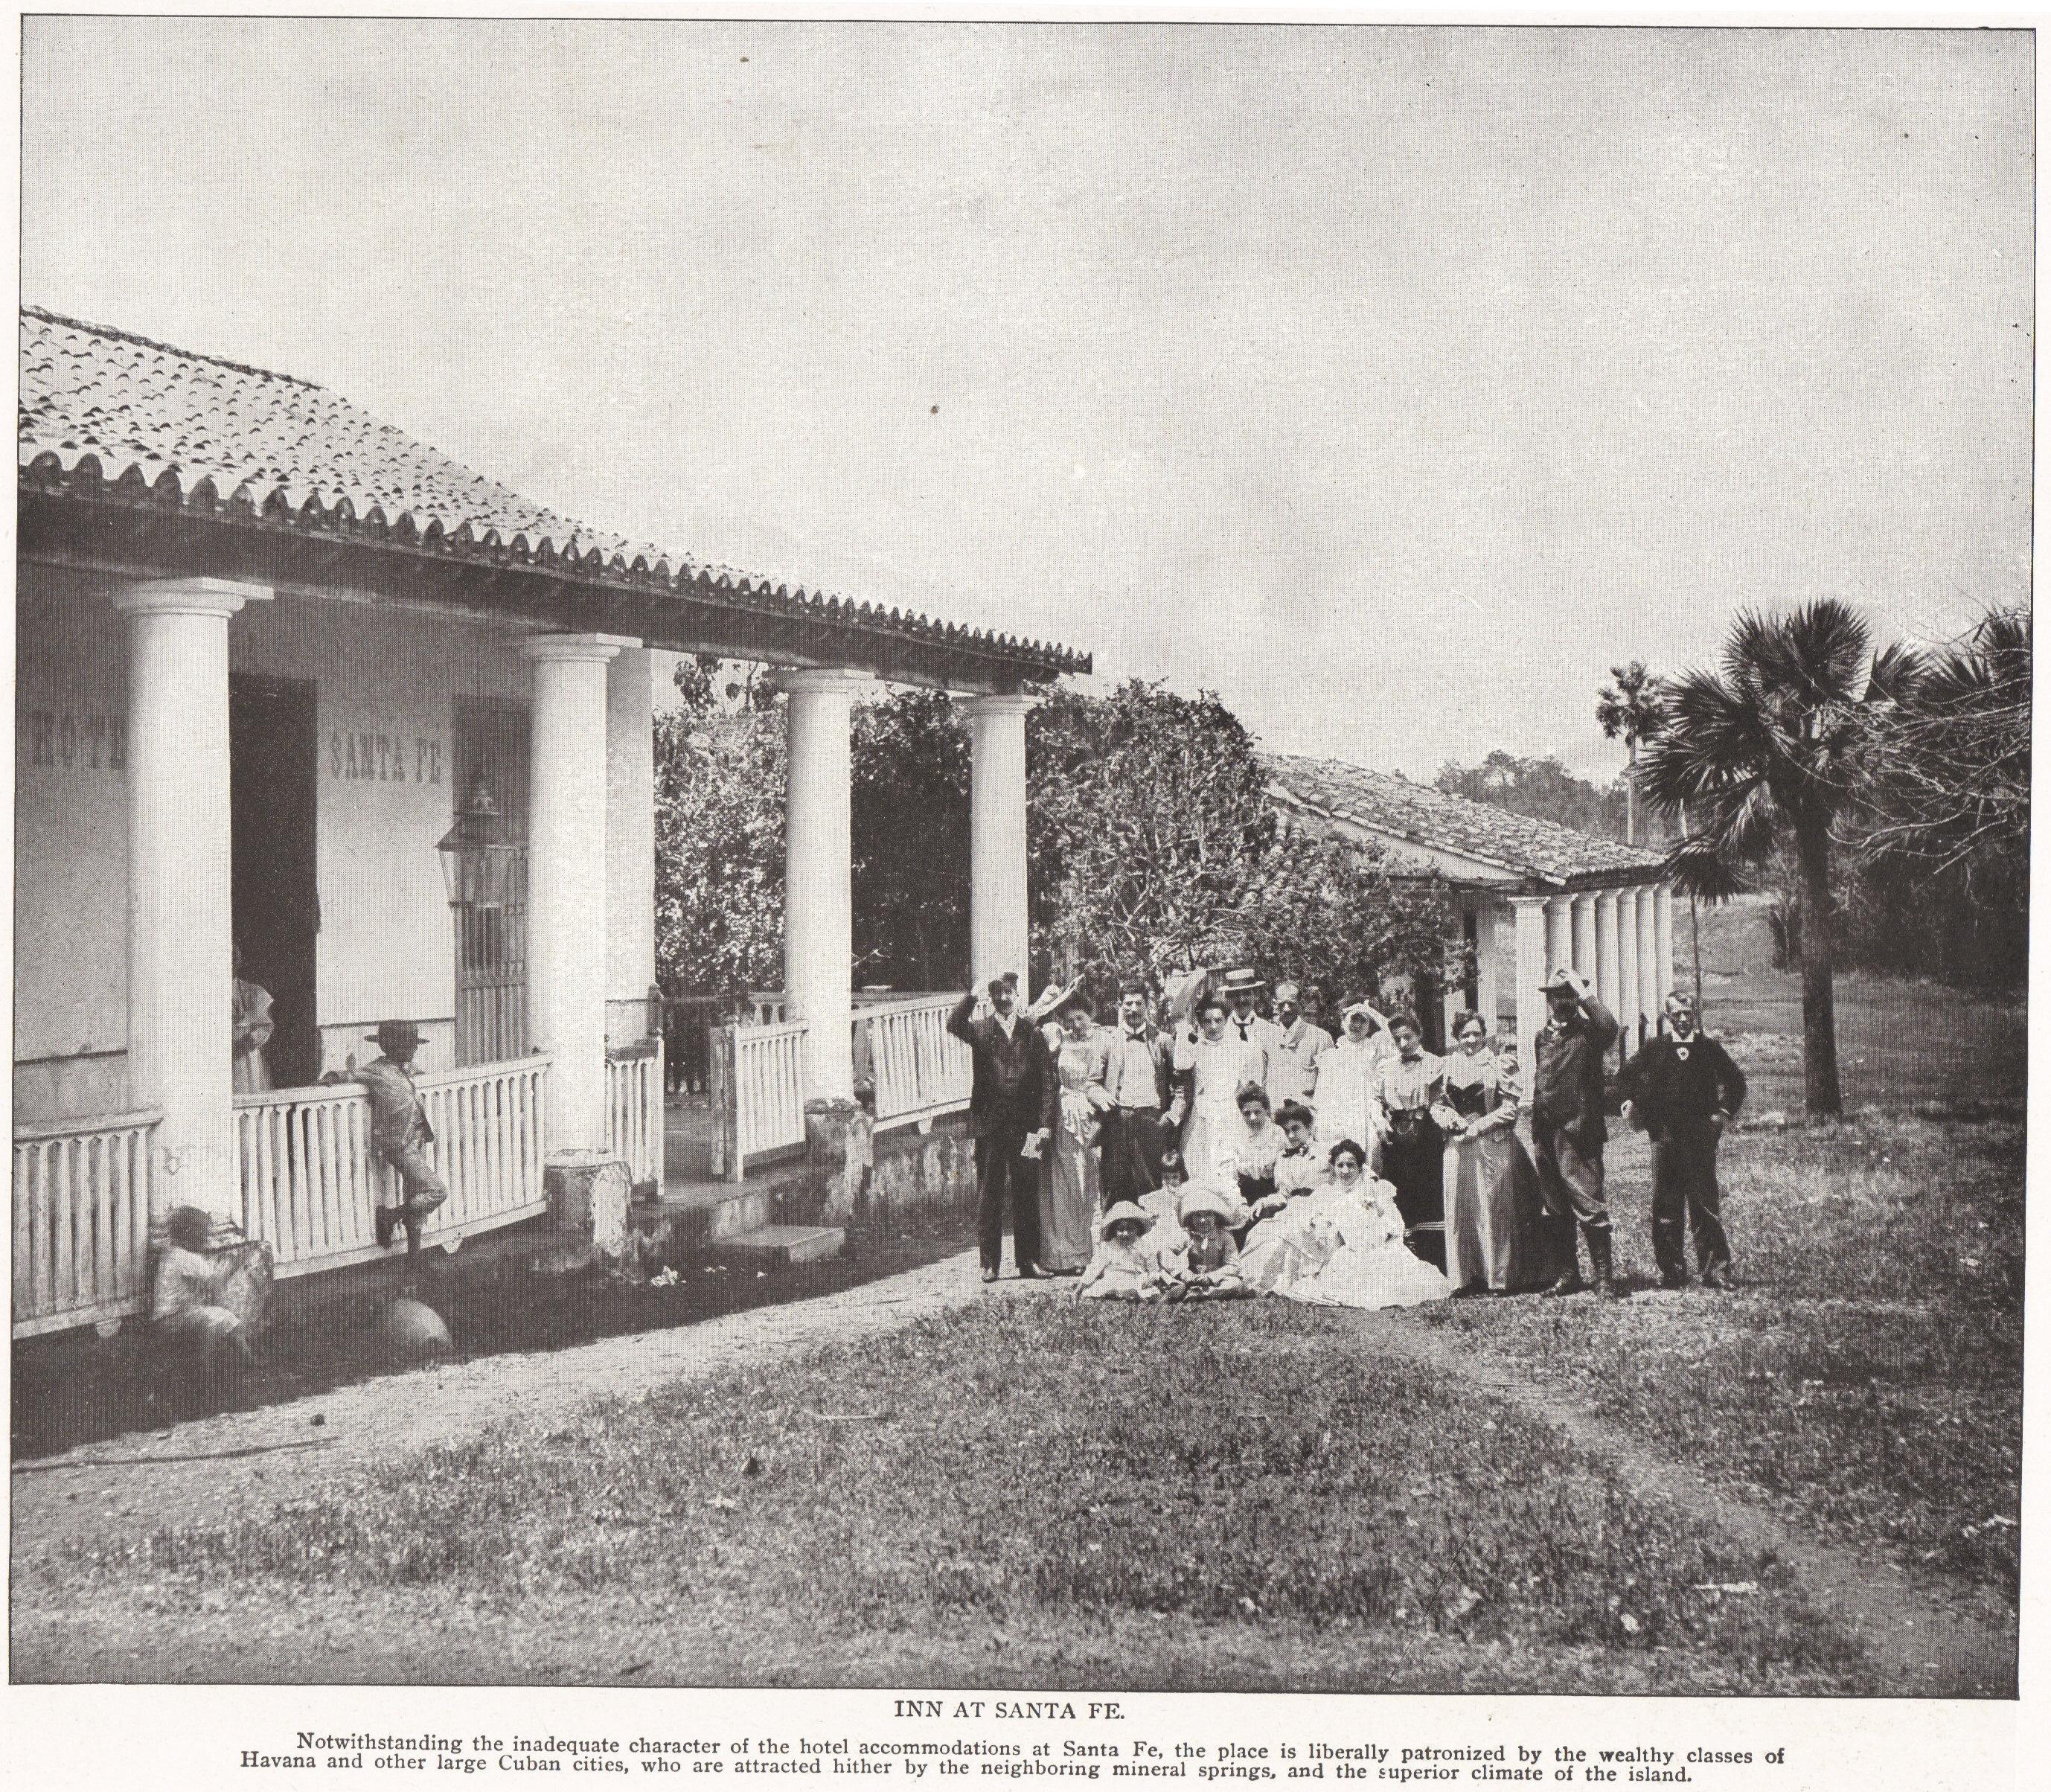 Inn at Santa Fe, Cuba